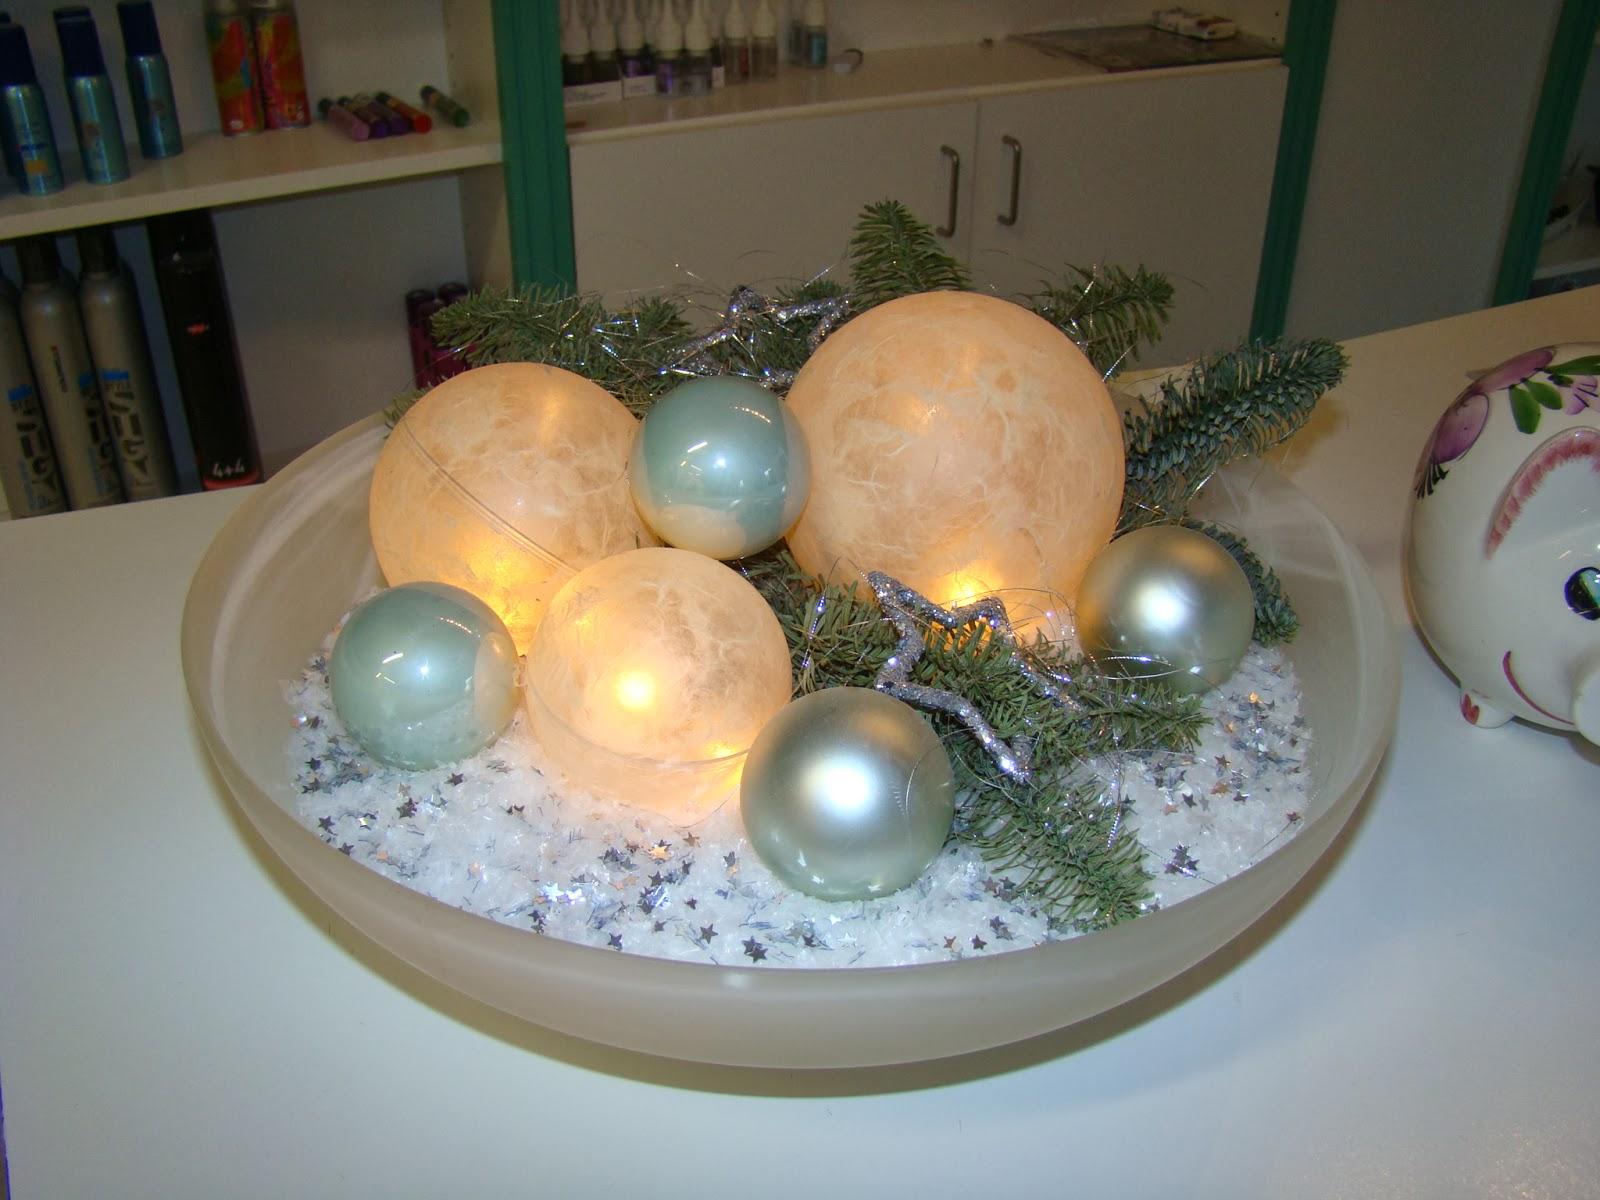 creatief besparen en meer: verlichte kerstballen zelf maken